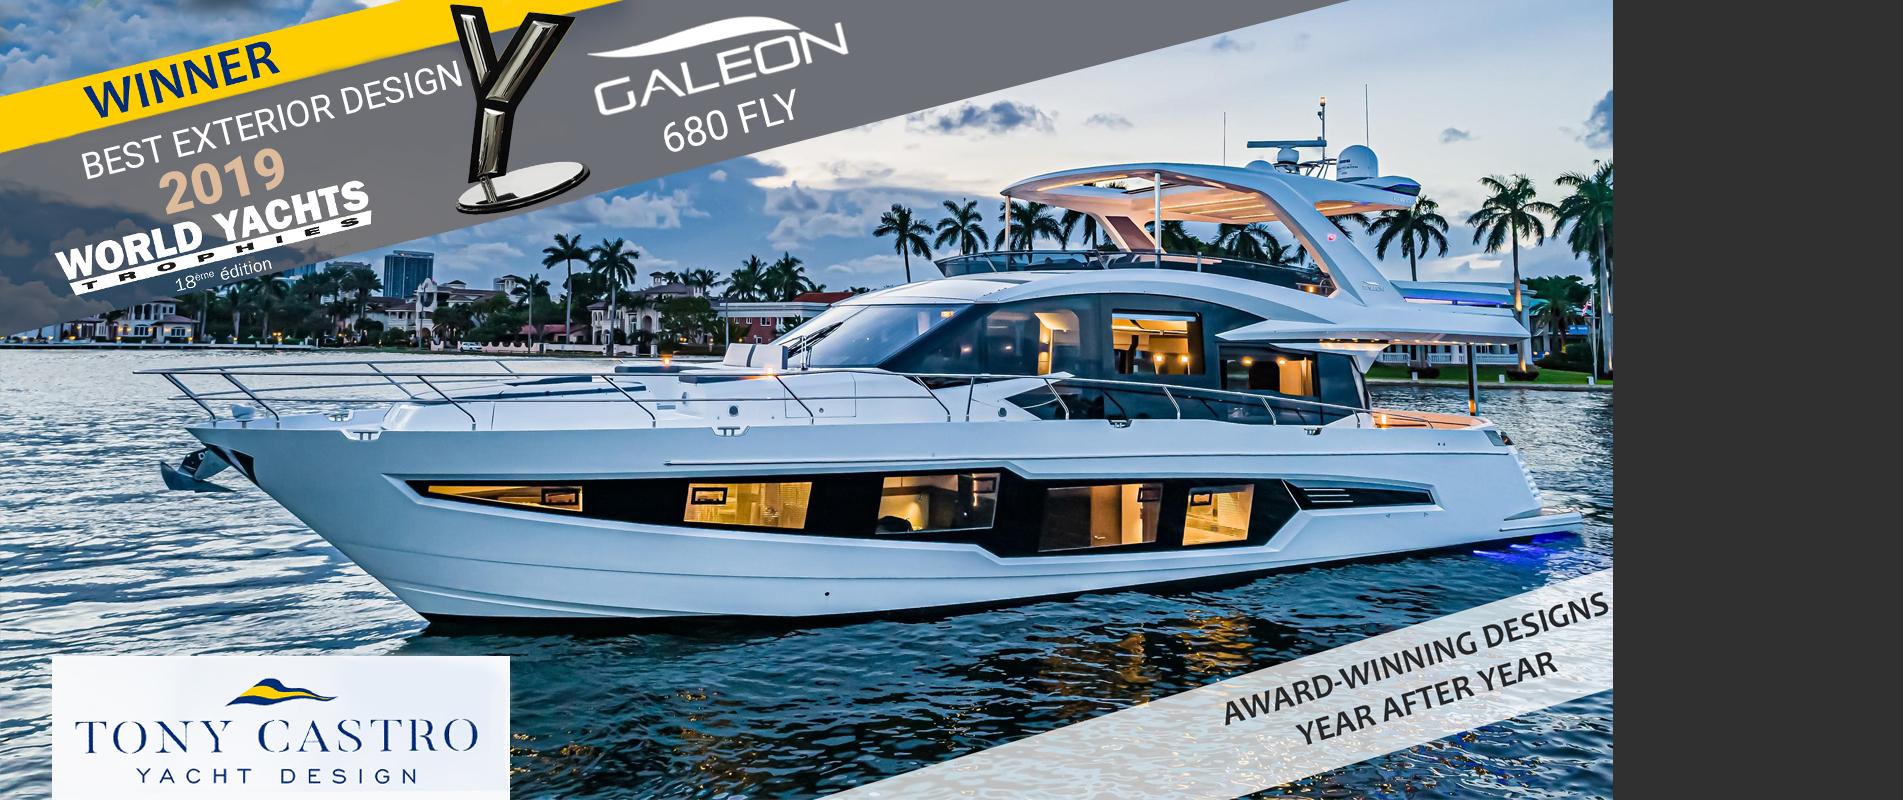 Galeon 680 Fly